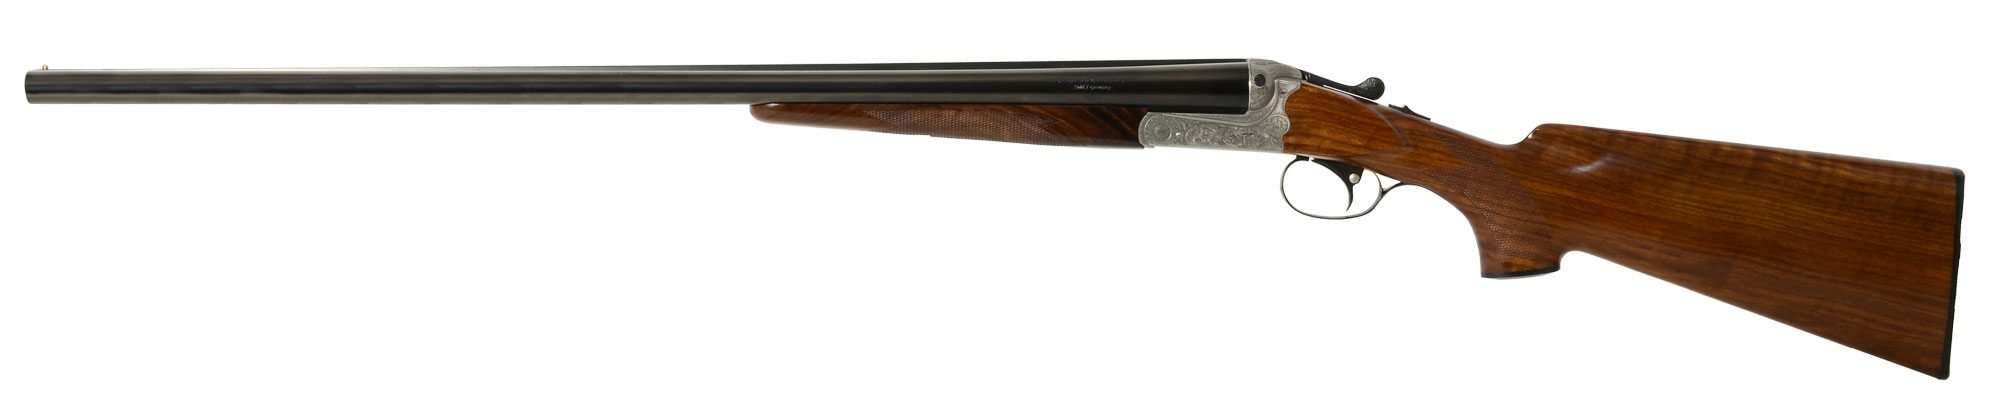 Merkel 147E SxS 12GA Shotgun 70147E1.8S3P